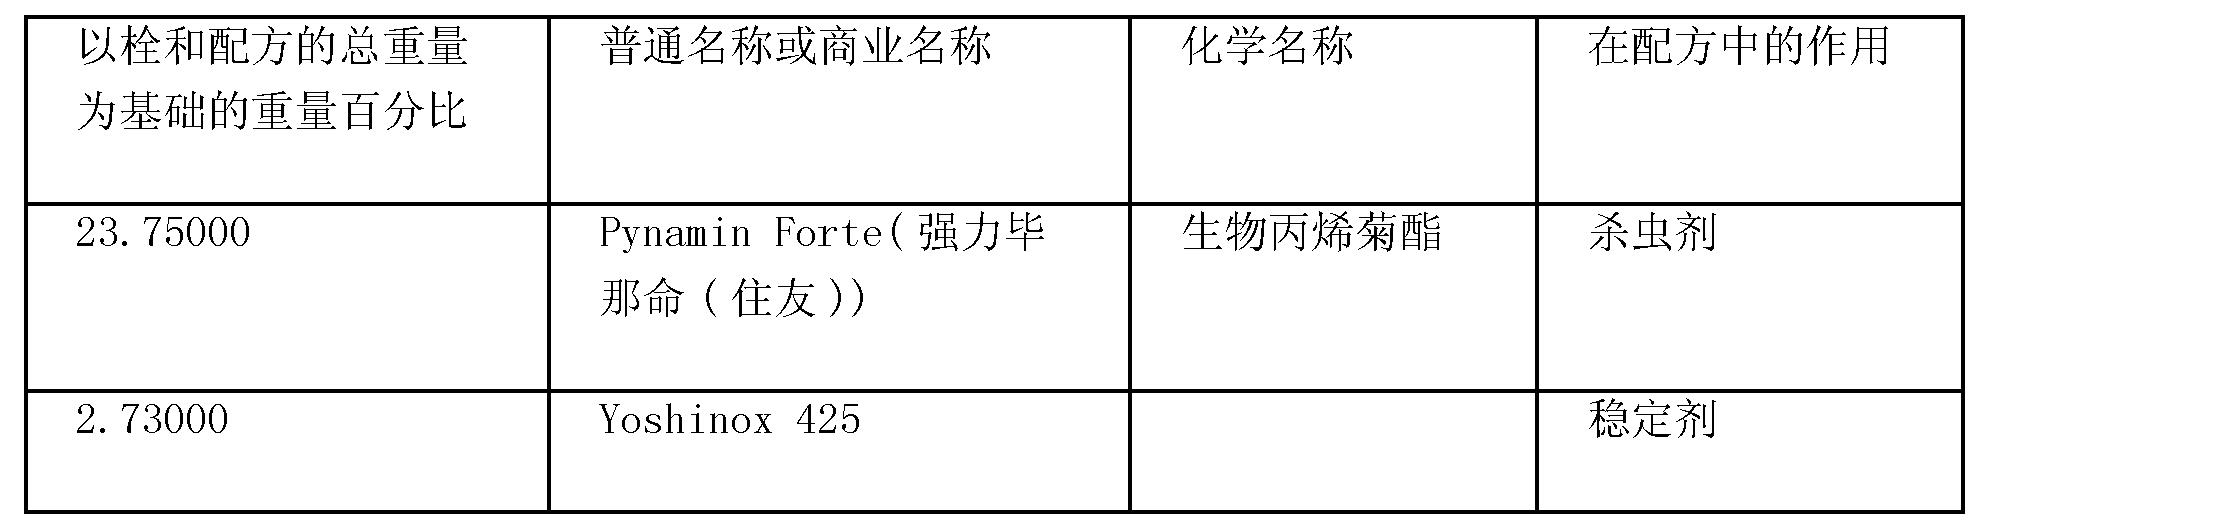 Figure CN101243788BD00173